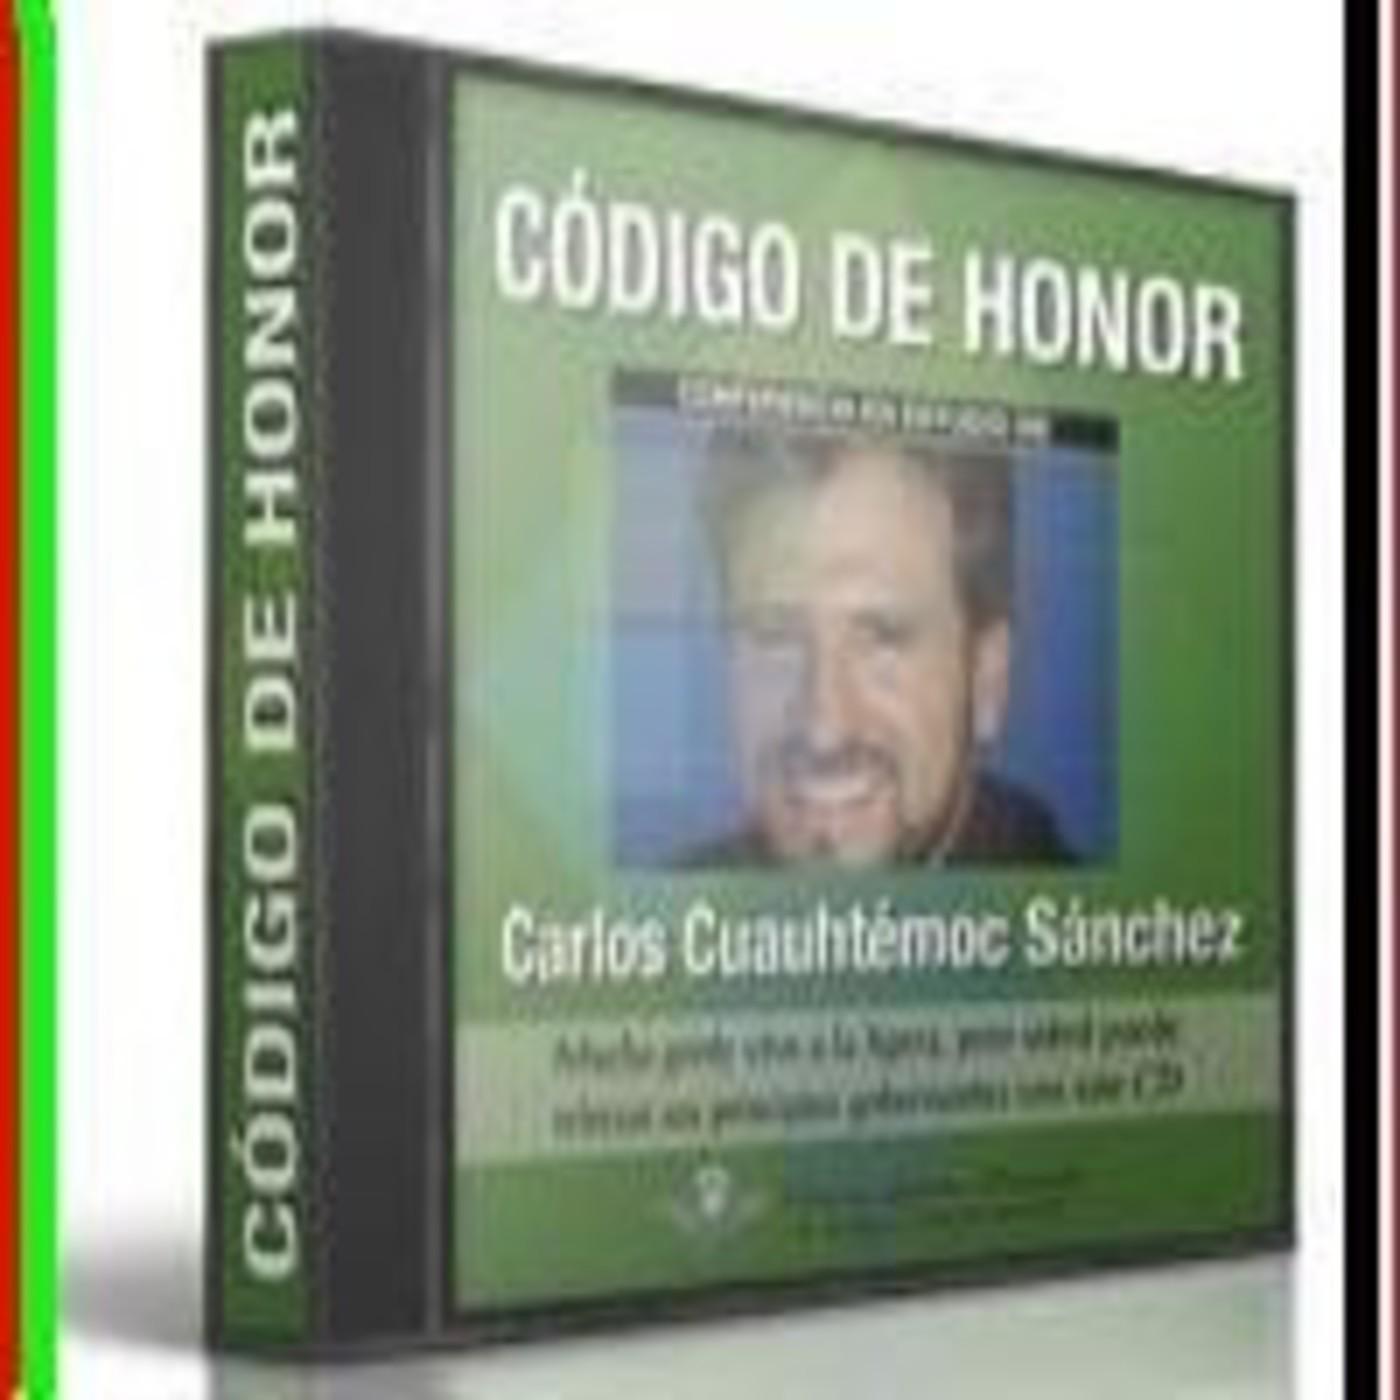 [01/01]Código de Honor - Carlos Cuauhtémoc Sánchez